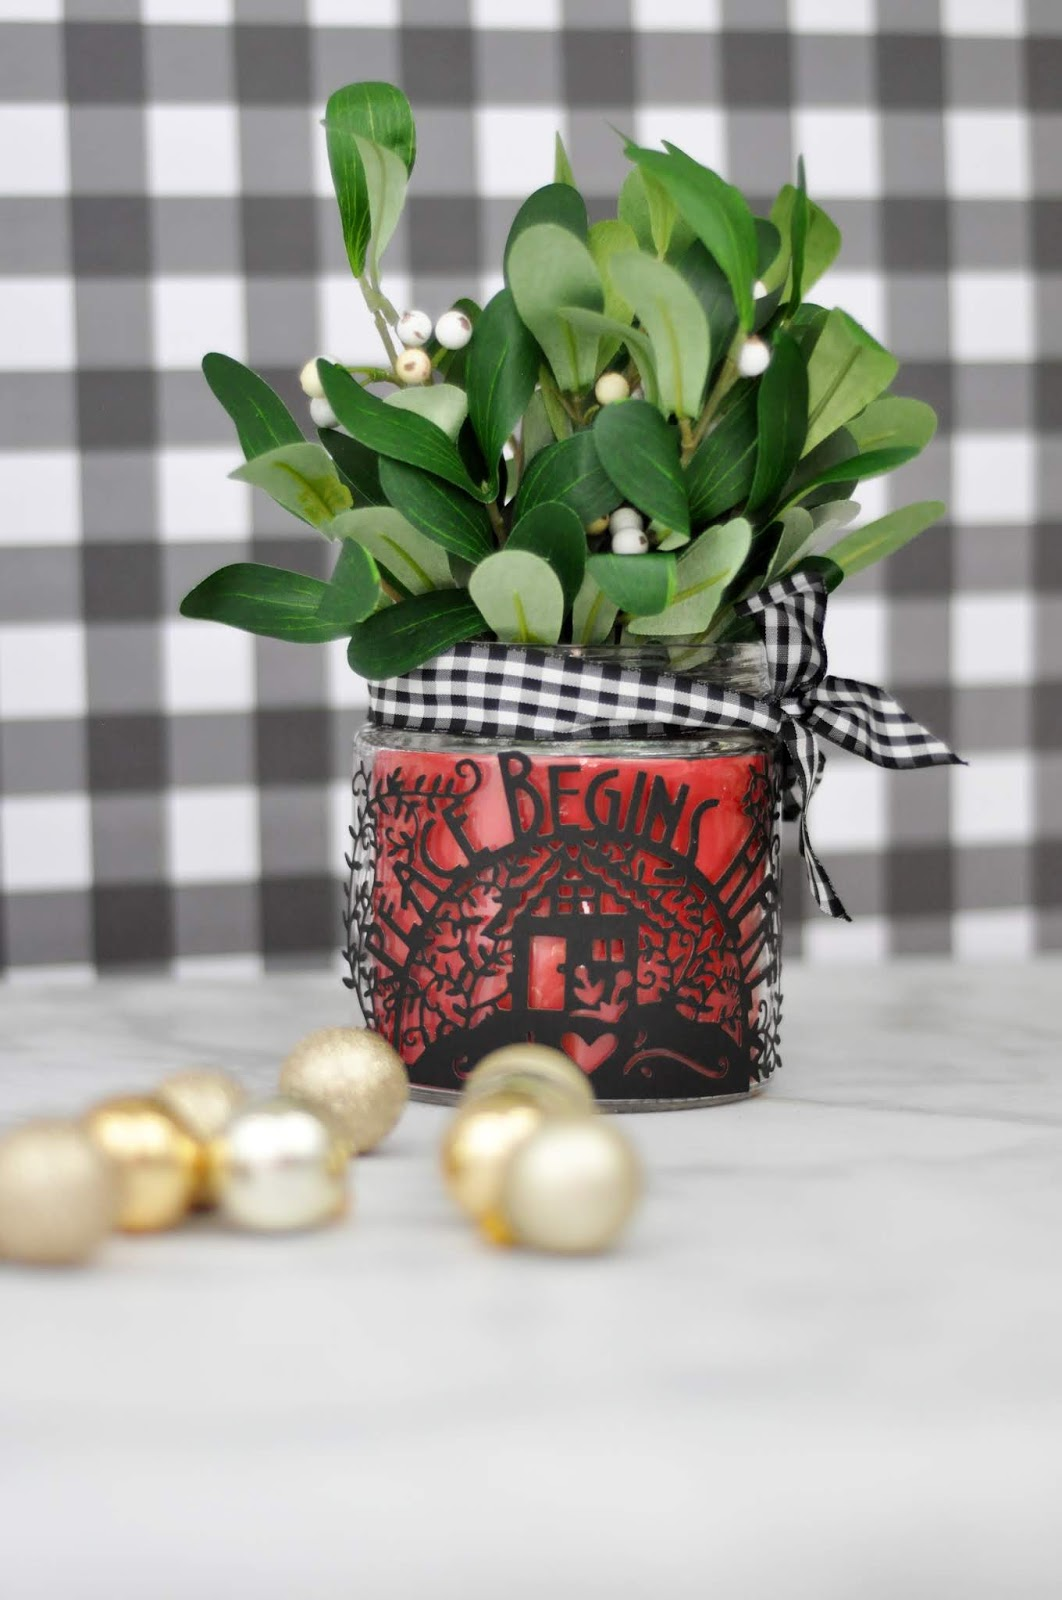 """Spellbinders Christmar Jar designed by Jen Gallacher with the """"Peace Begins Here"""" die cut. #spellbinders #jengallacher #christmascraft"""